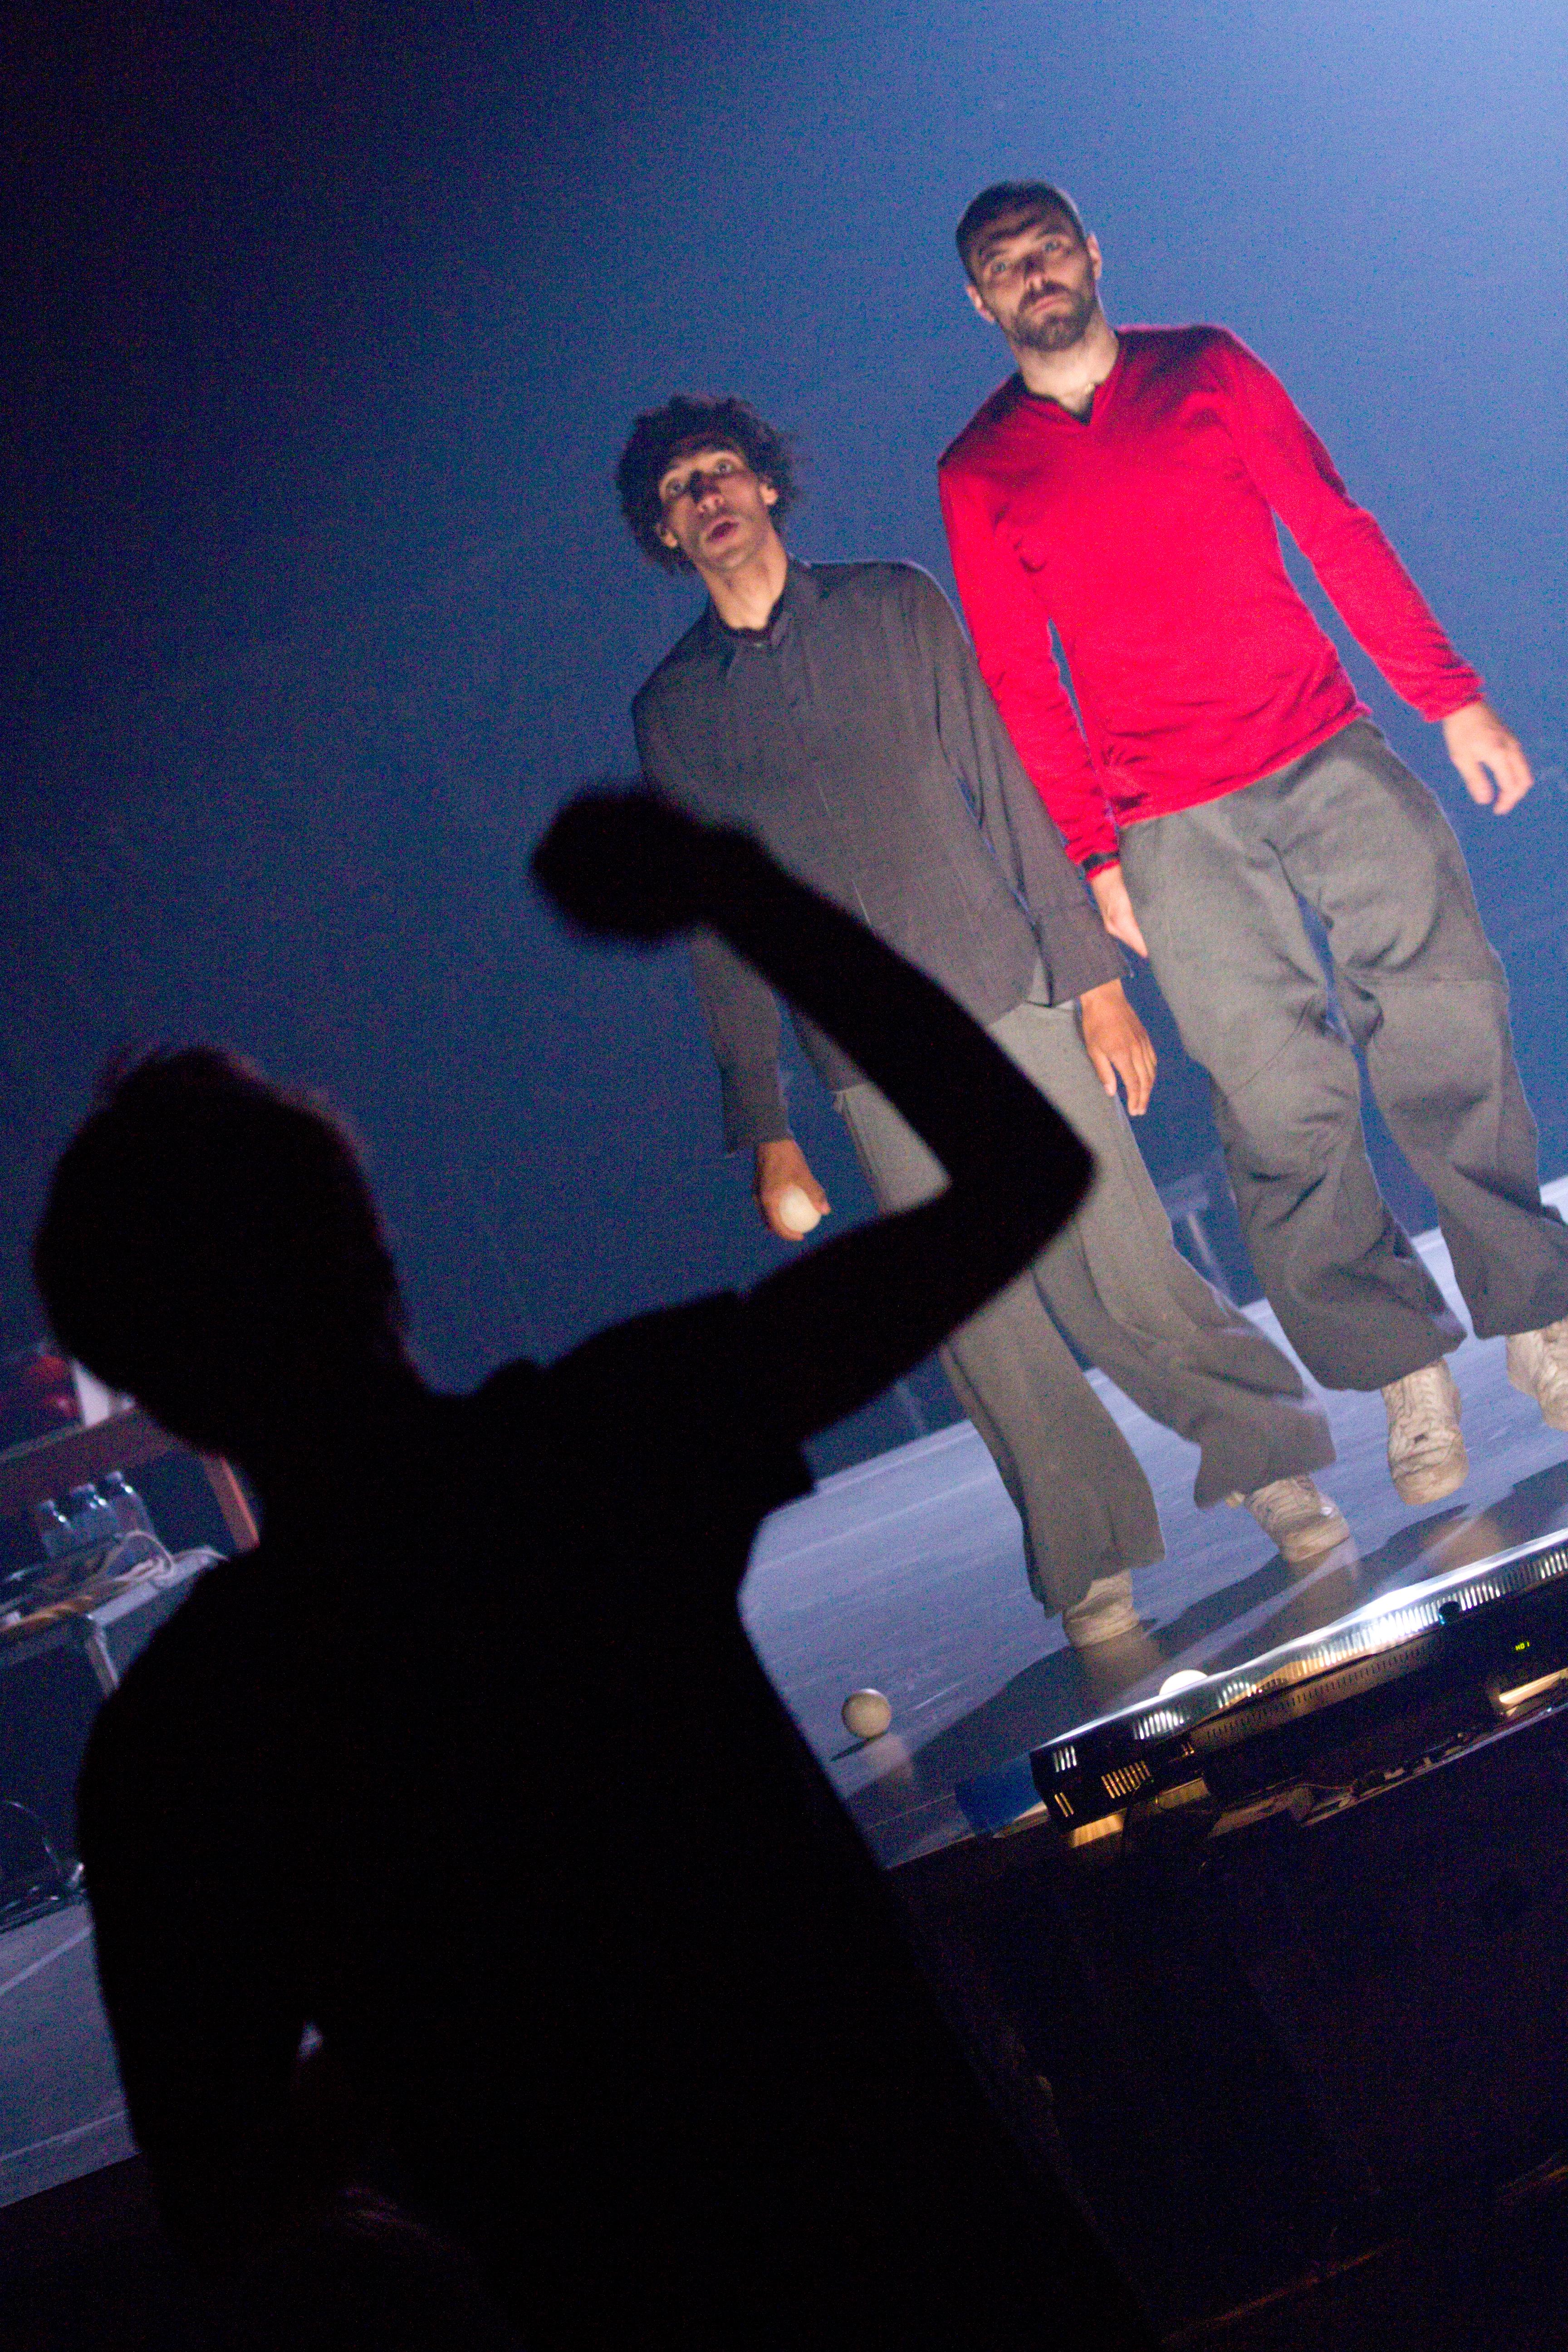 EJC 2015 Bruneck - Monday August 3rd: Defracto Show.